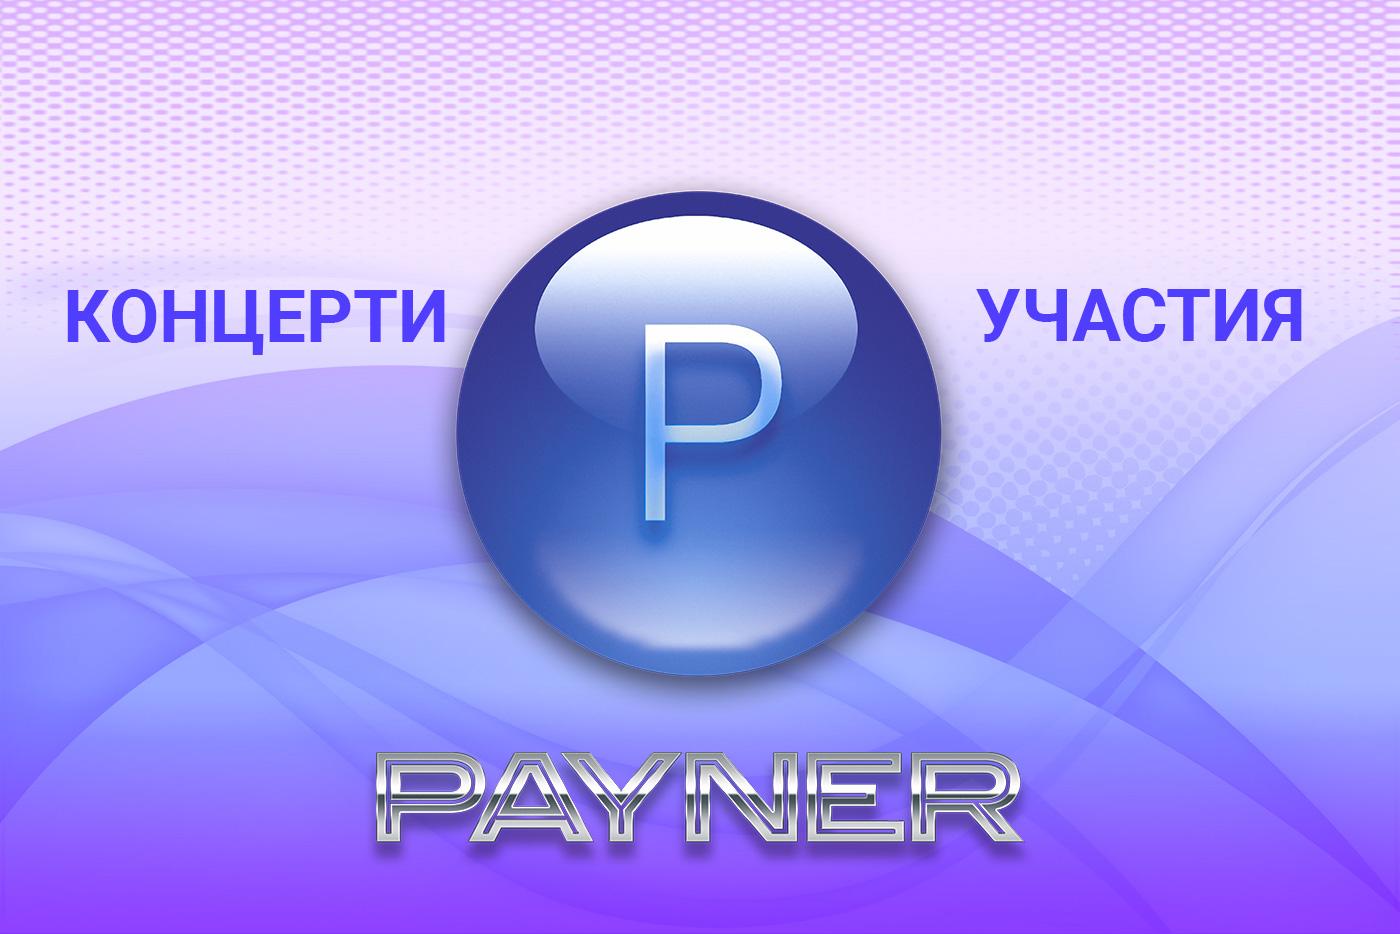 """Участия на звездите на """"Пайнер"""" на 23.10.2019"""